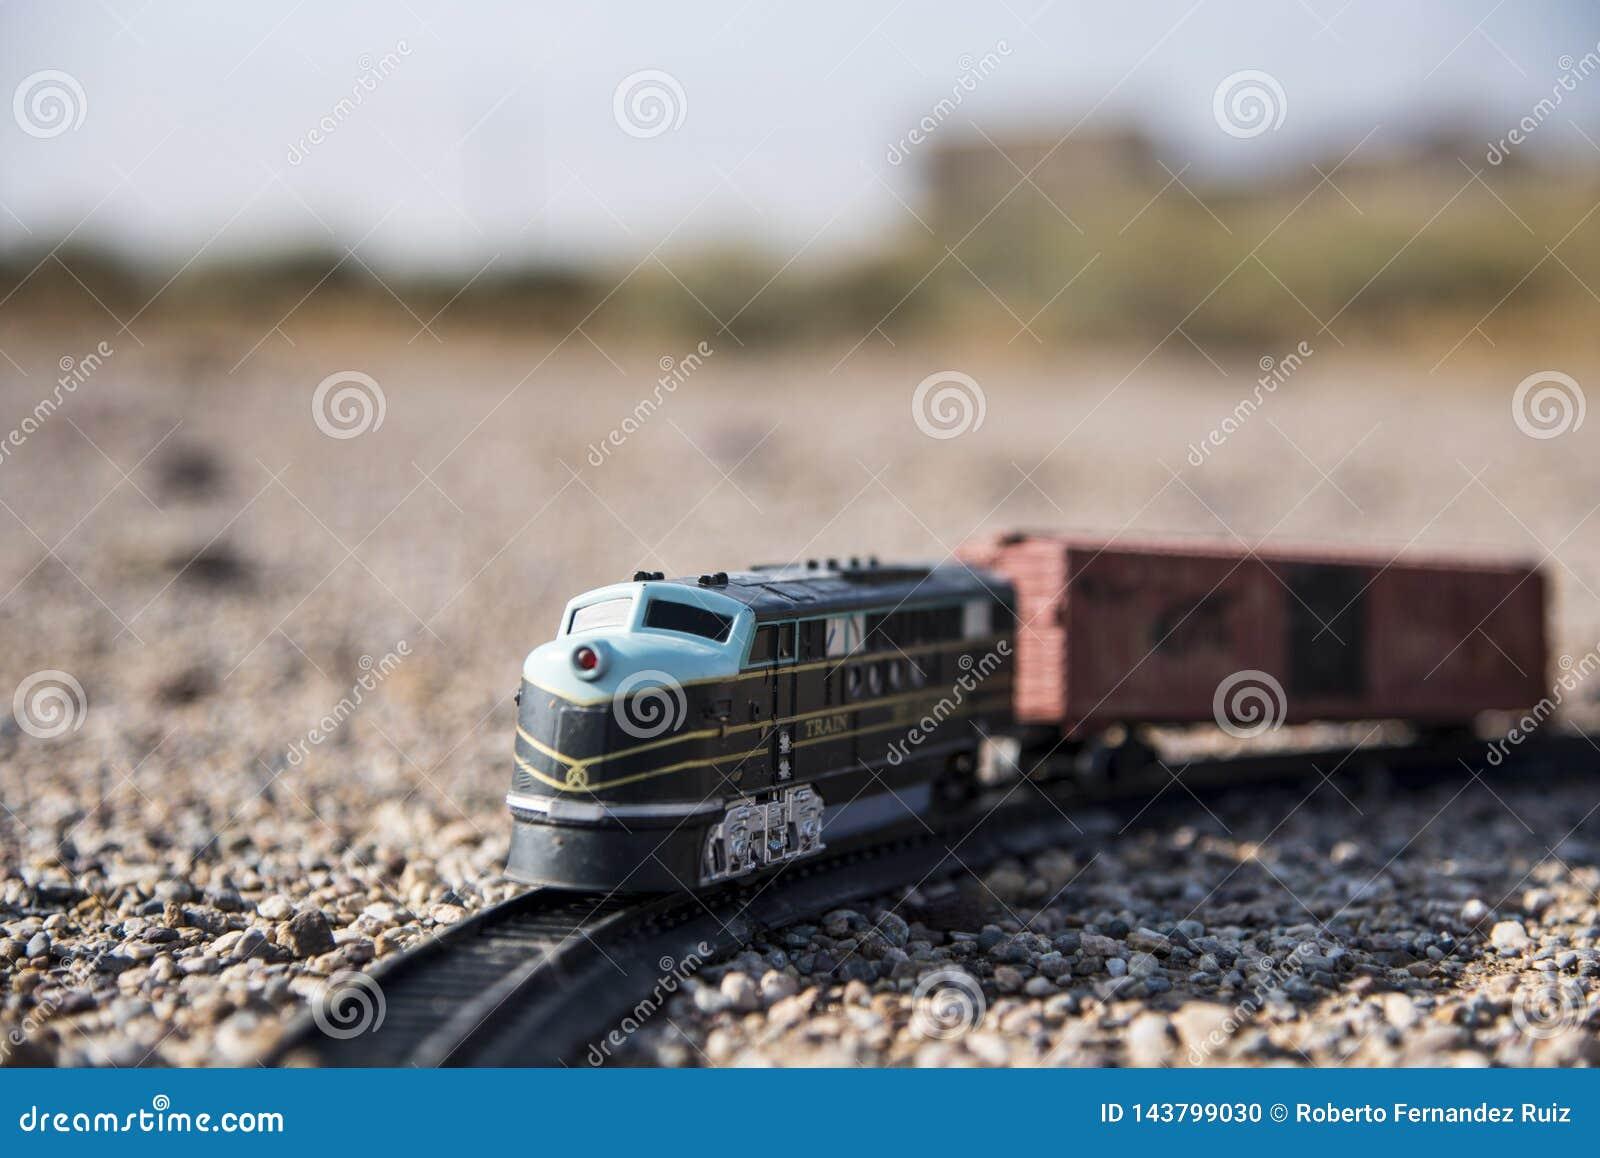 Carro del tren de la locomotora y del juguete abandonado en el campo